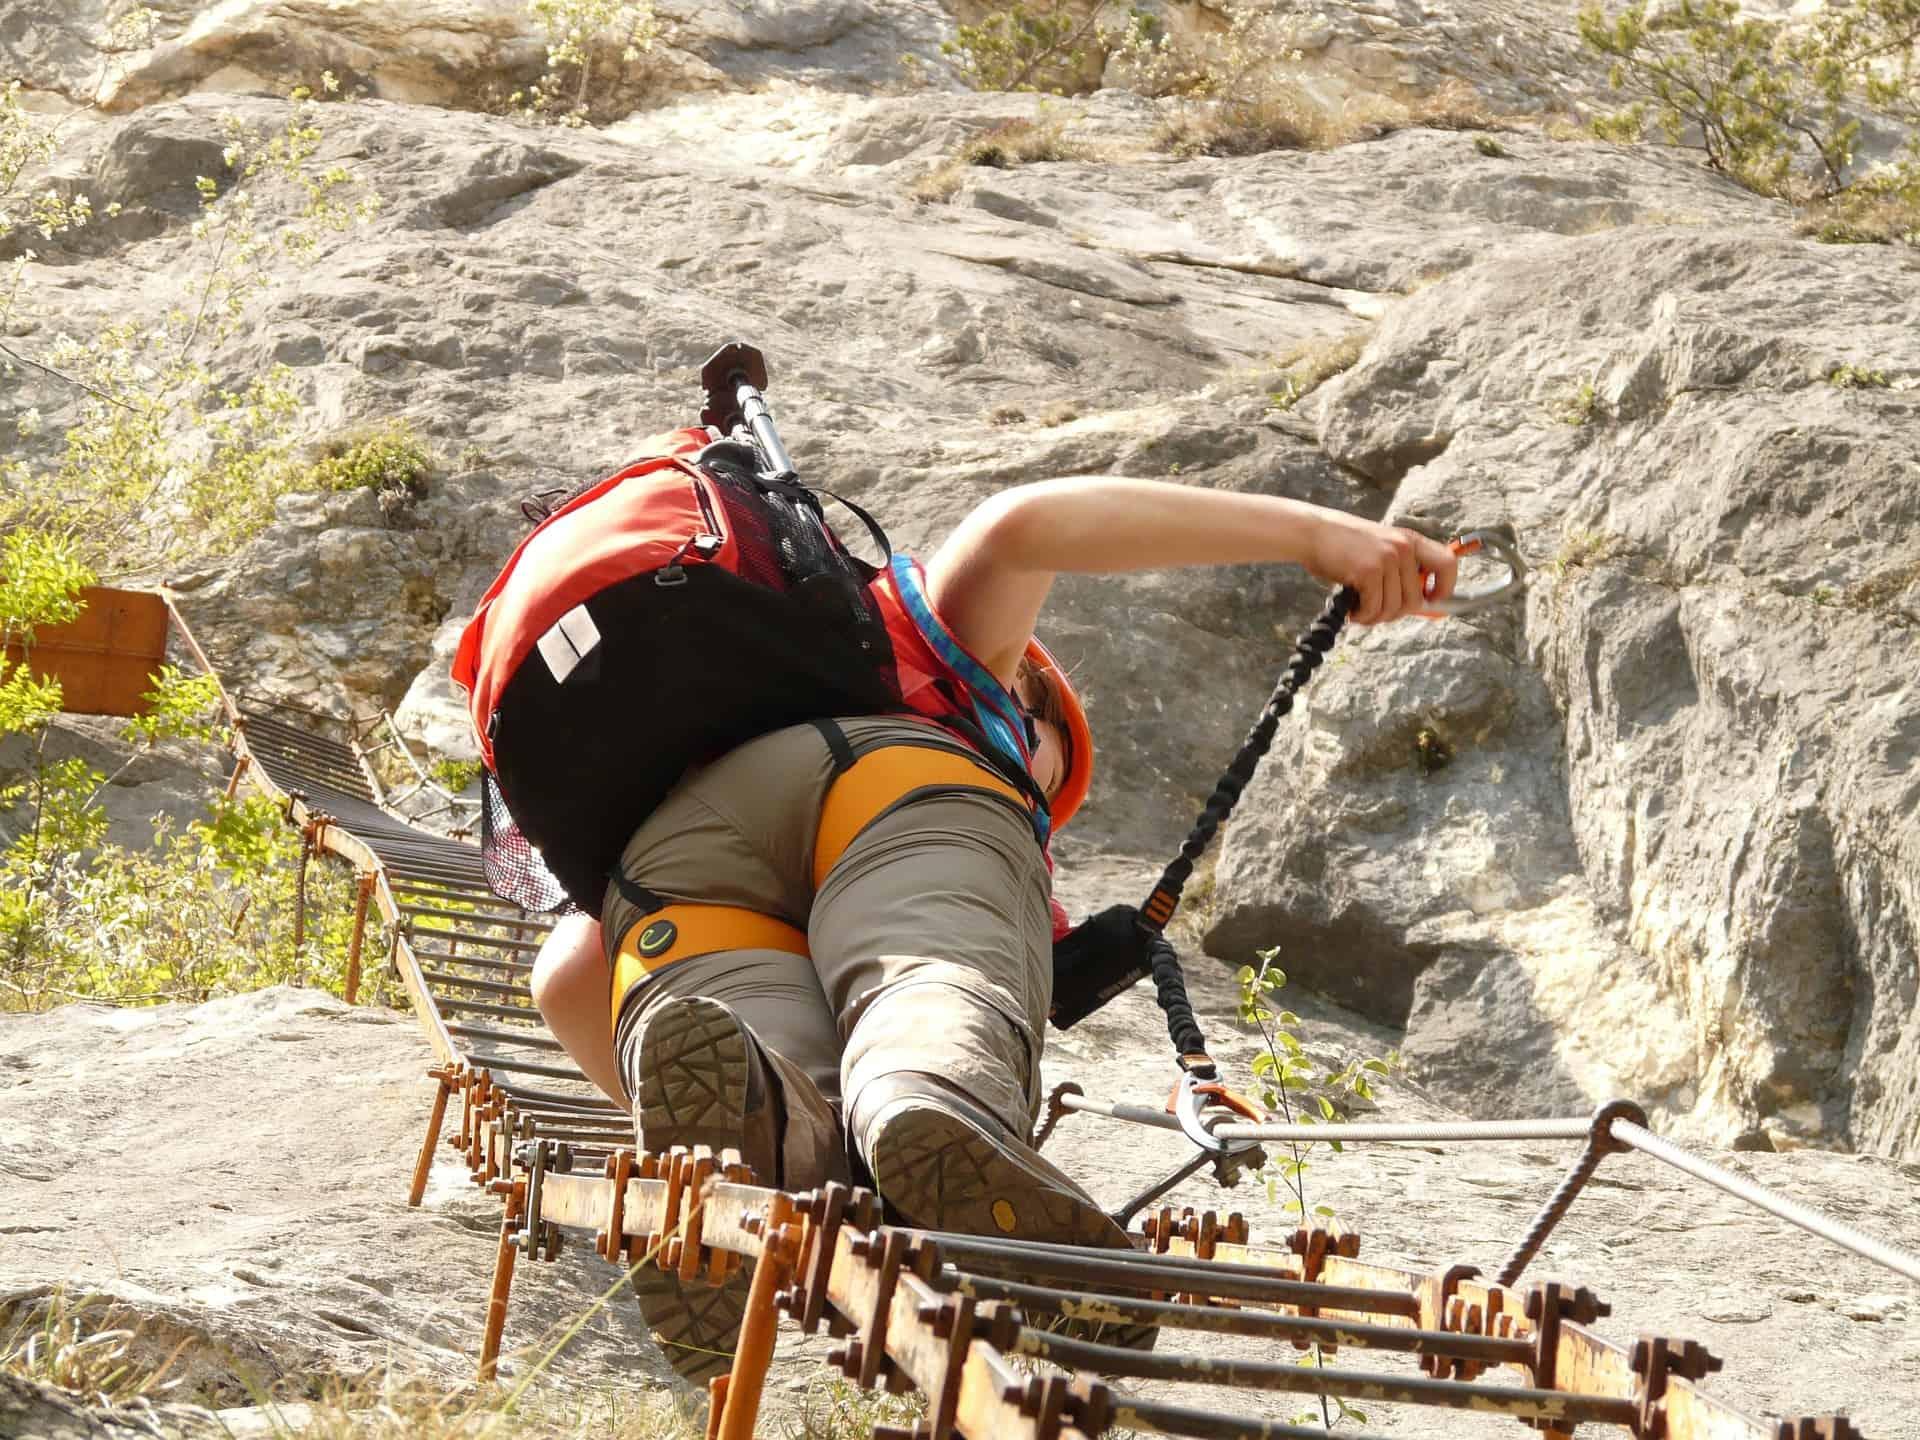 Klettersteigset Testsieger 2018 : Klettersteigset test 2019 die besten klettersteigsets im vergleich